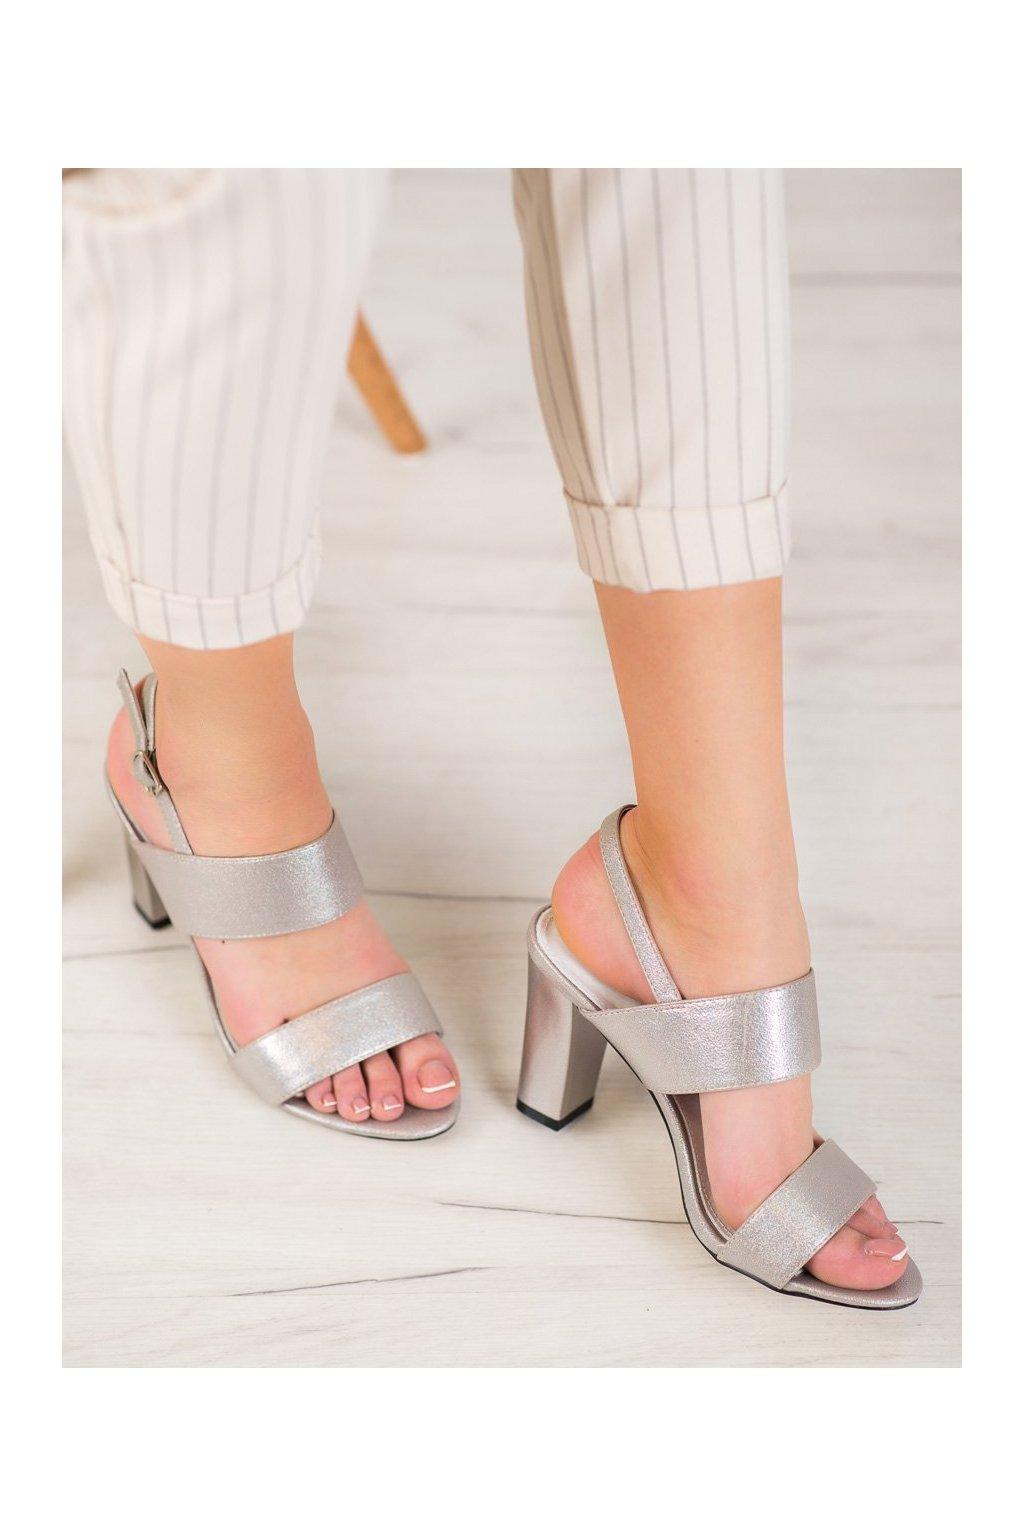 Sivé sandále na podpätku Goodin kod FL142C-T